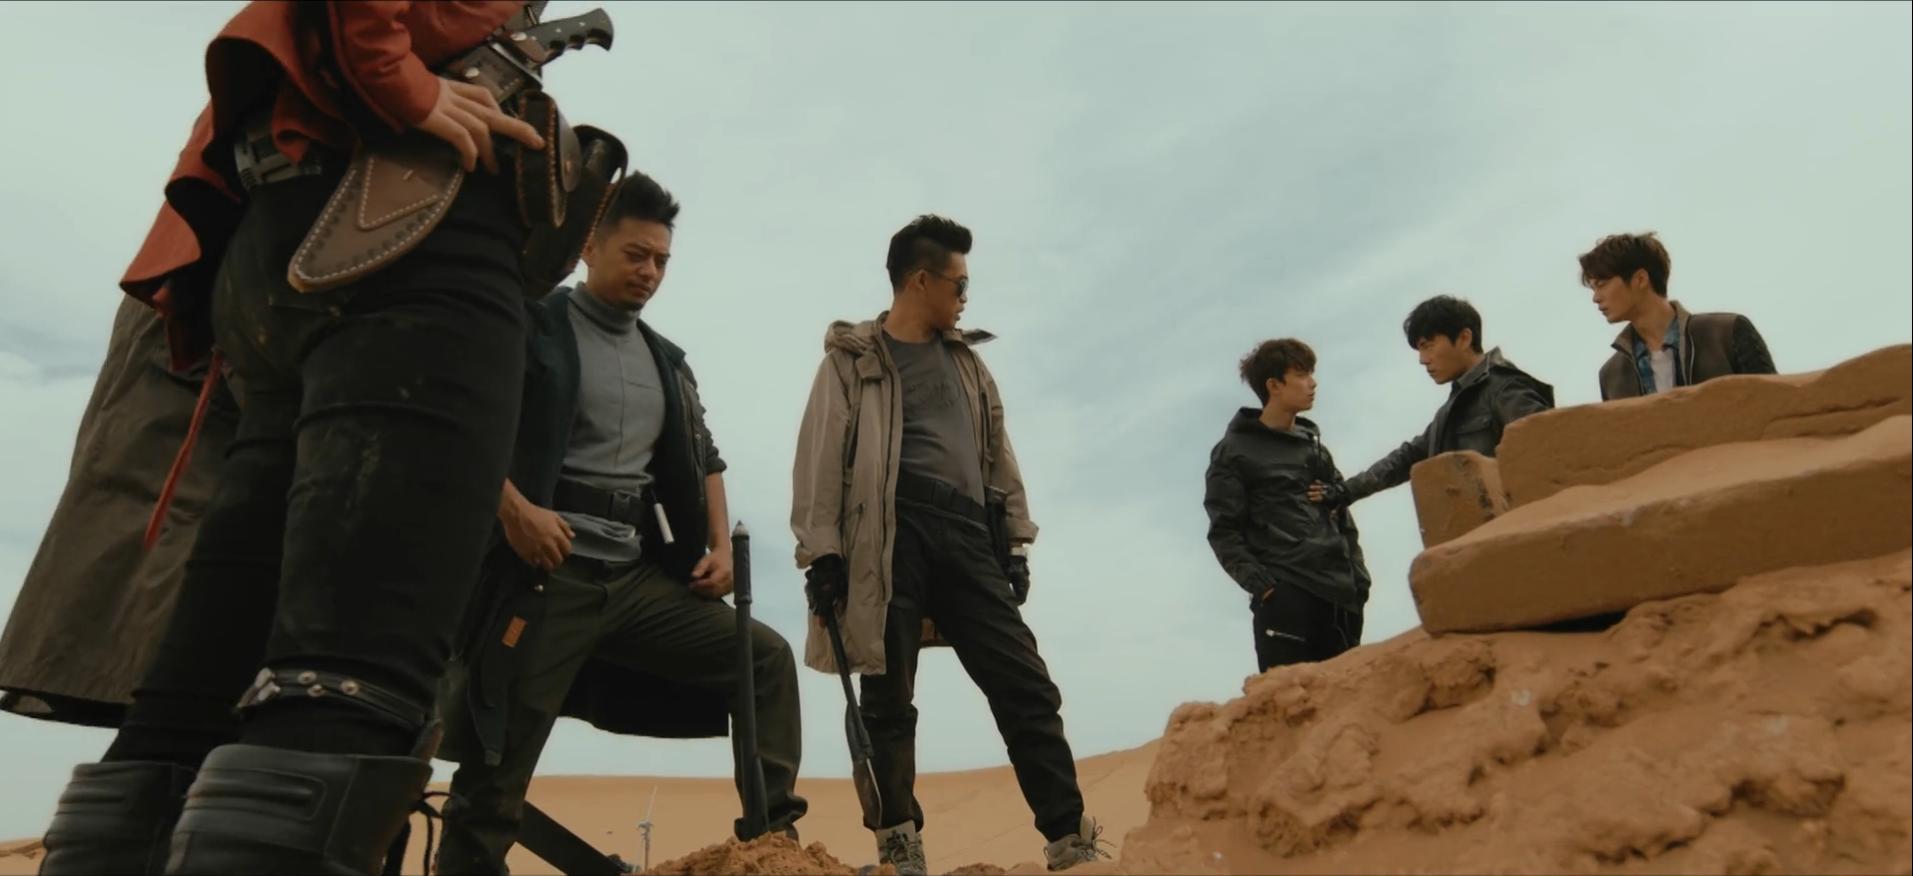 不靠颜值靠演技,《沙海》中的吴磊在这几个方面表现出色的照片 - 7